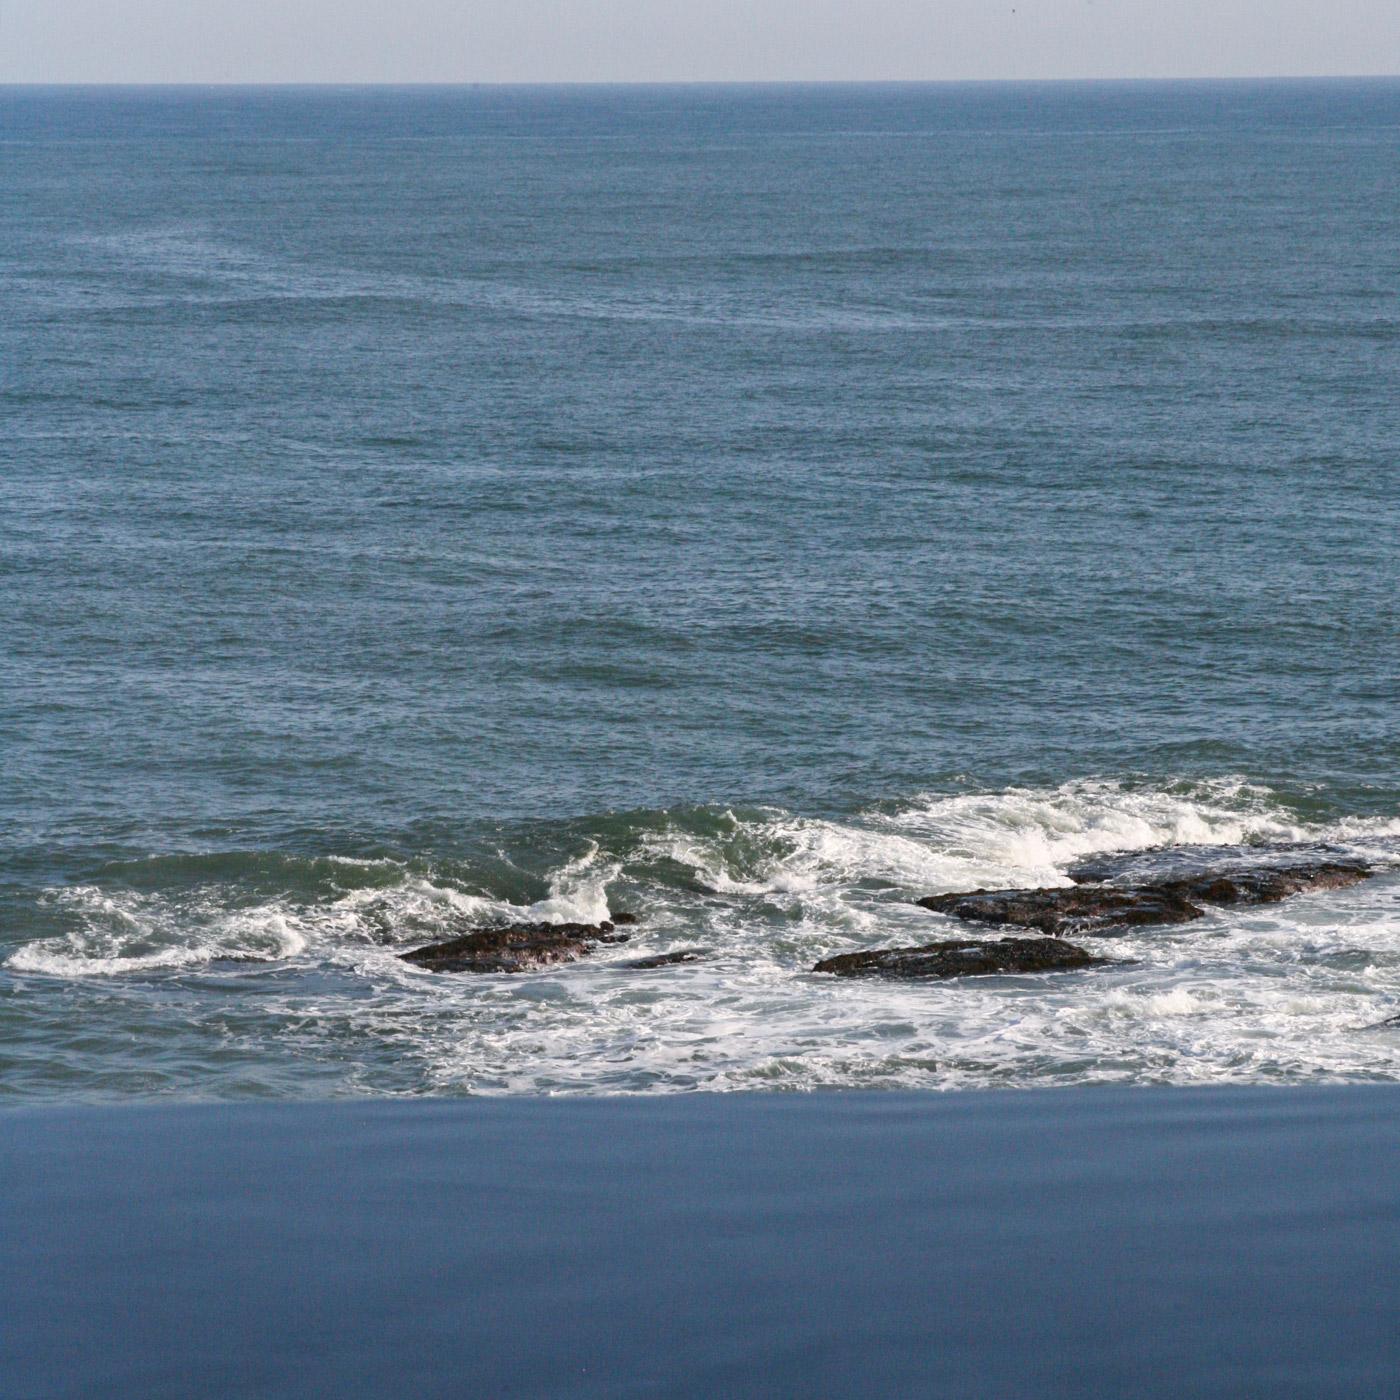 「これほどしっかり海を眺めていたことがあっただろうか」と思えるほど、見飽きない風景。